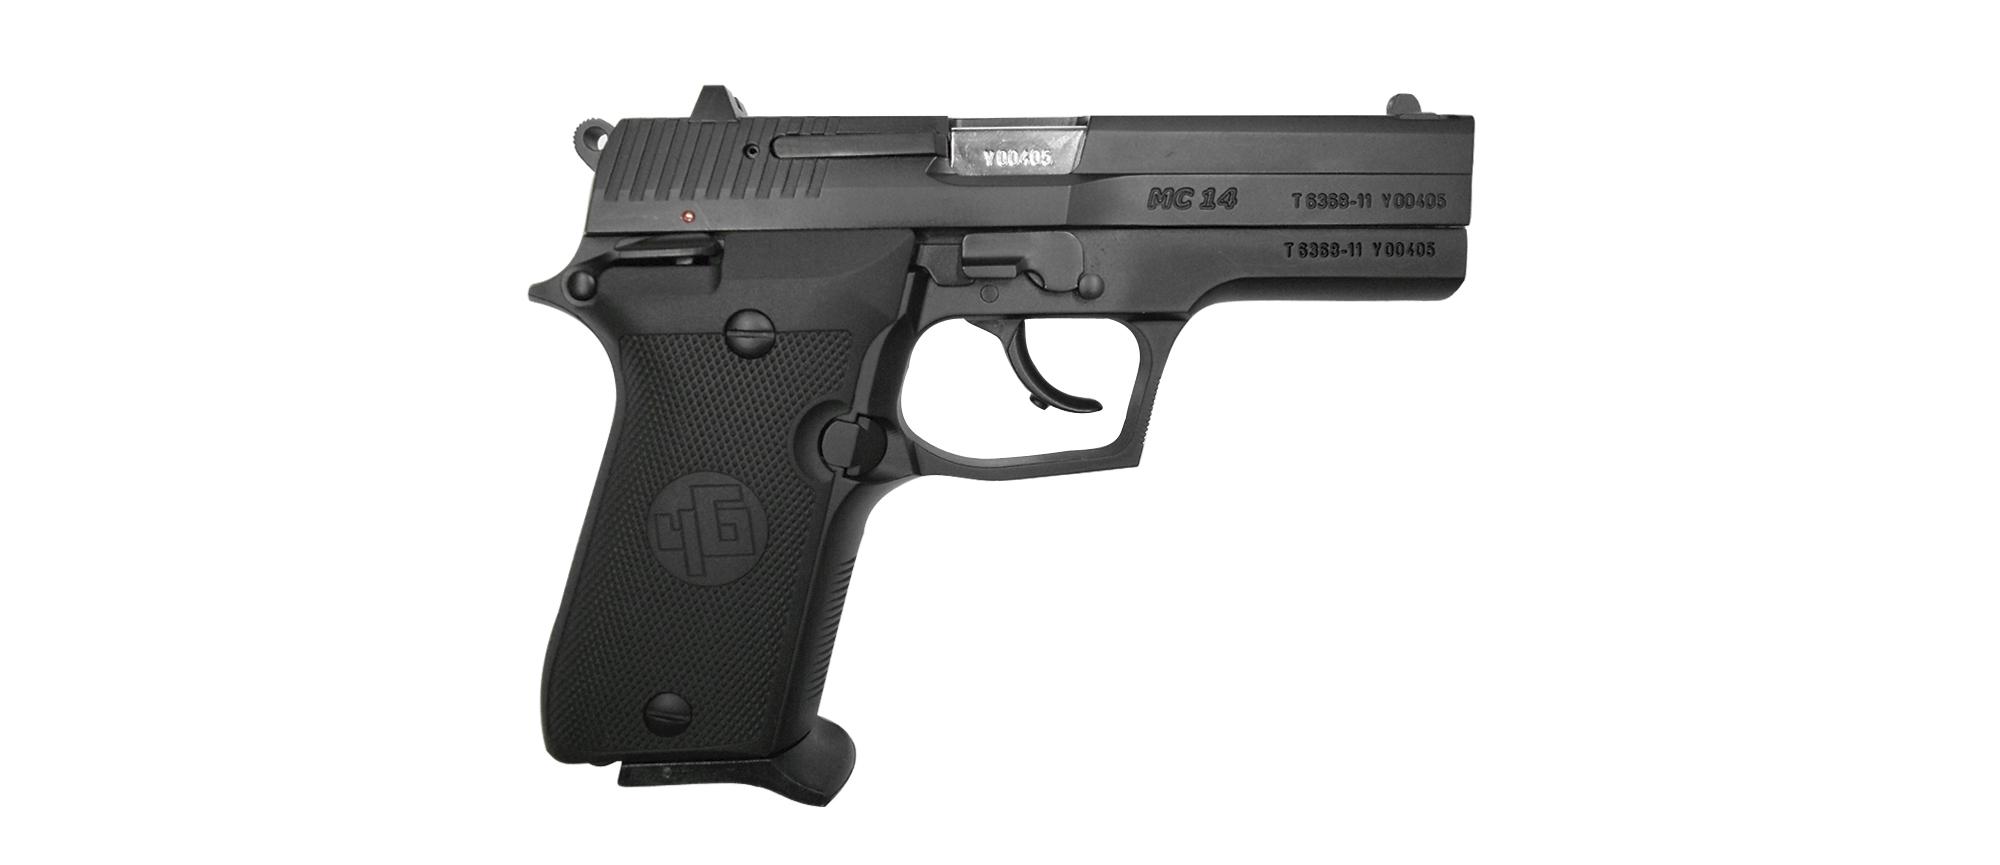 Pistola GIRSAN MC 14 calibre 380 131 tiros acabad